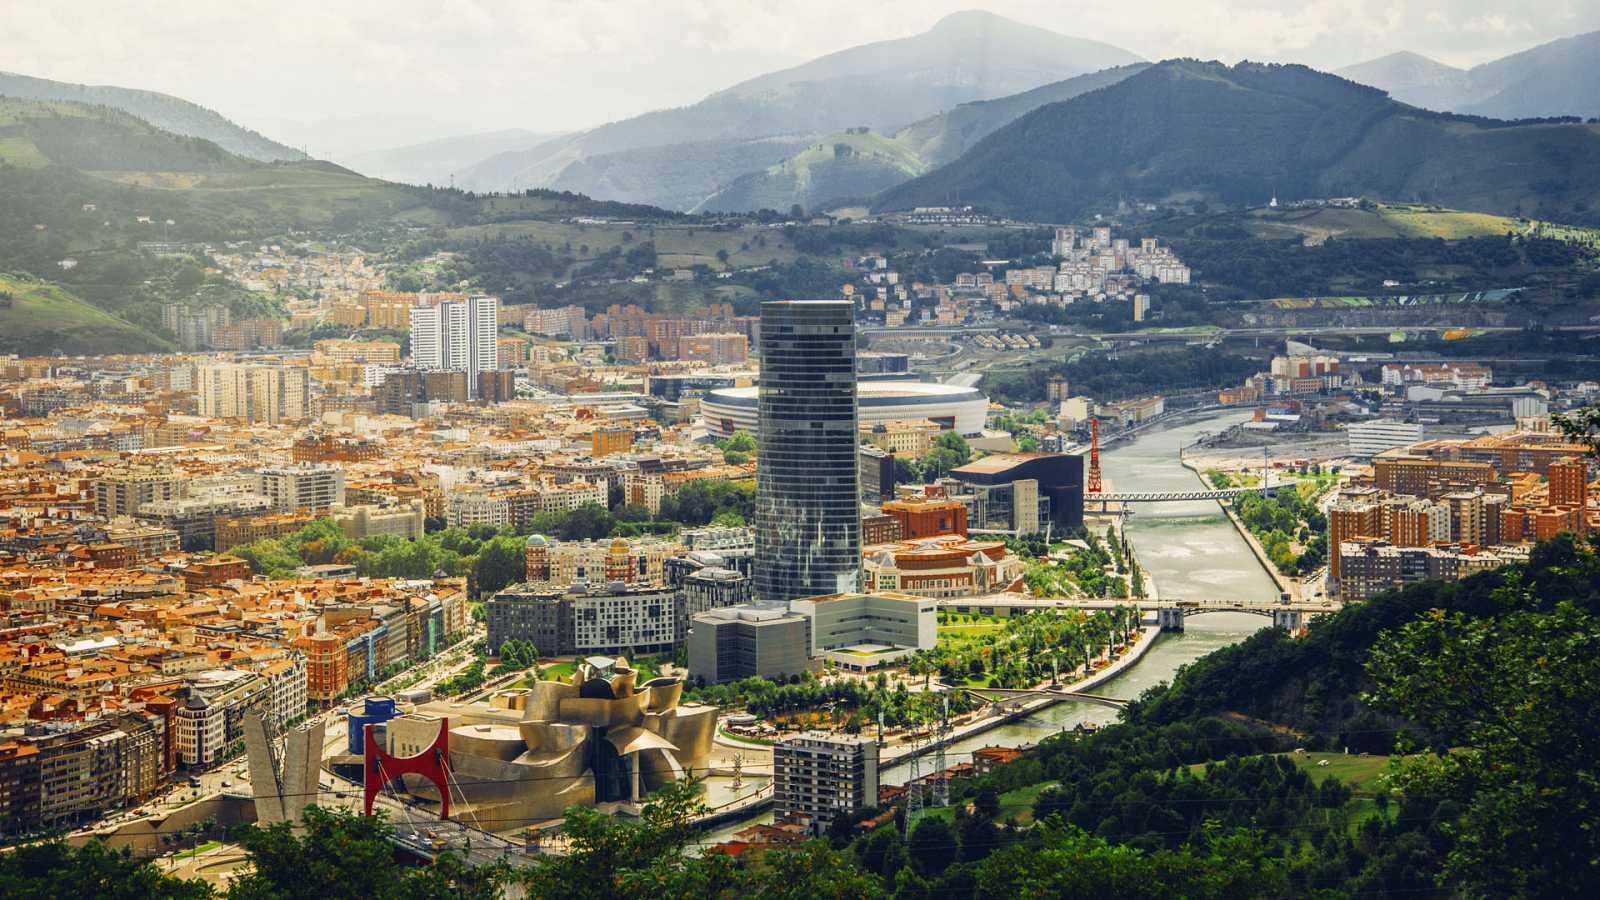 Ciudades para el Siglo XXI - Bilbao, ciudad de los metales - Ver ahora